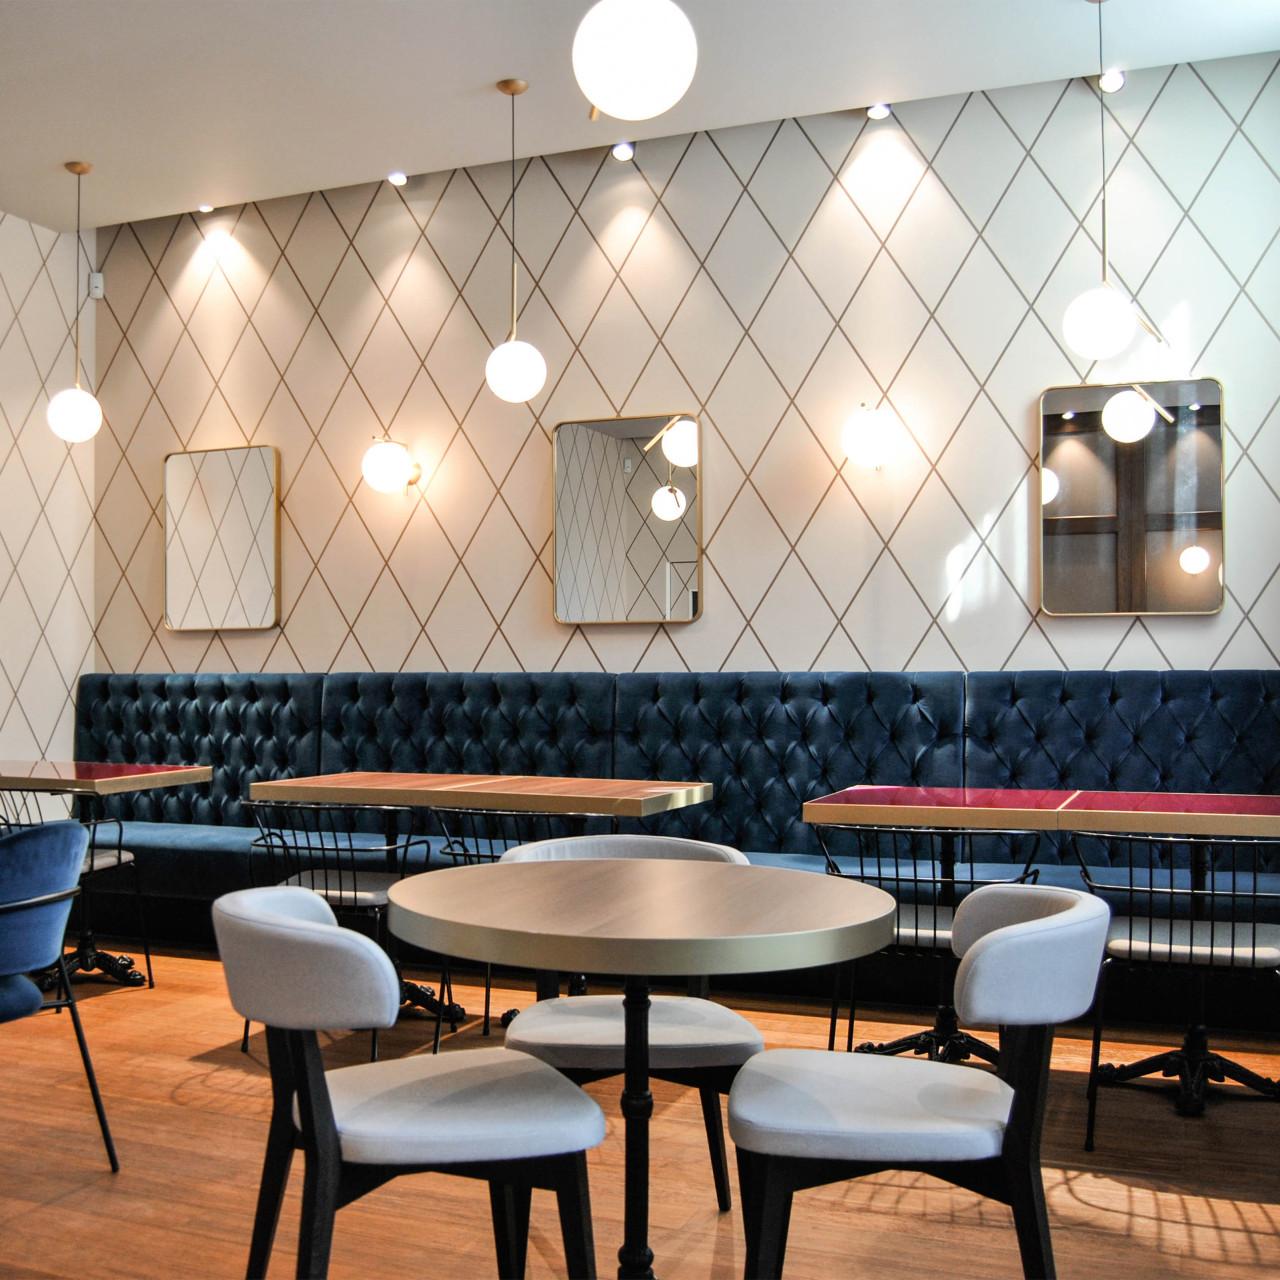 Naringi Café Tibi_05_Table Area